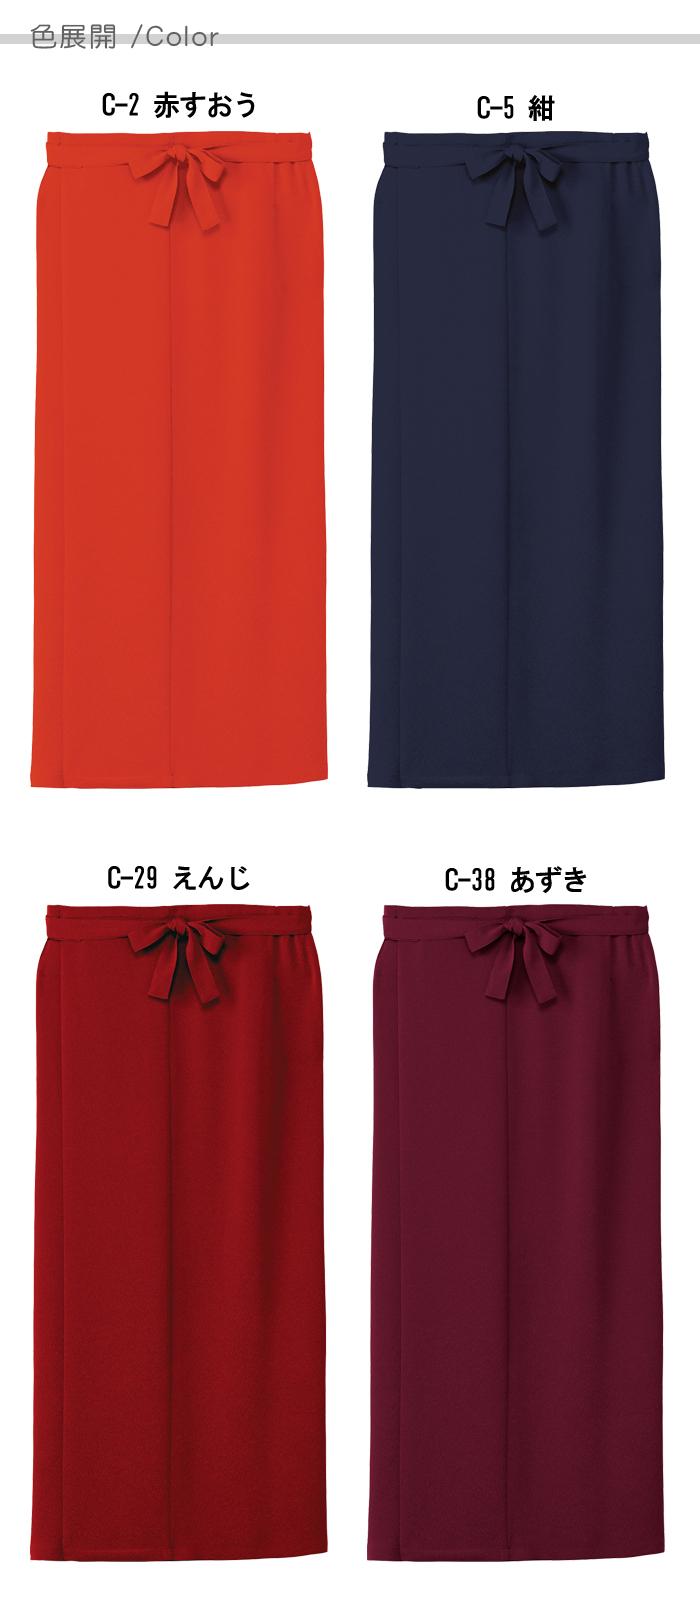 K8407和風スカート 巻きスカートちりめん生地[和食飲食店・和風サービス業務用制服] 色展開説明